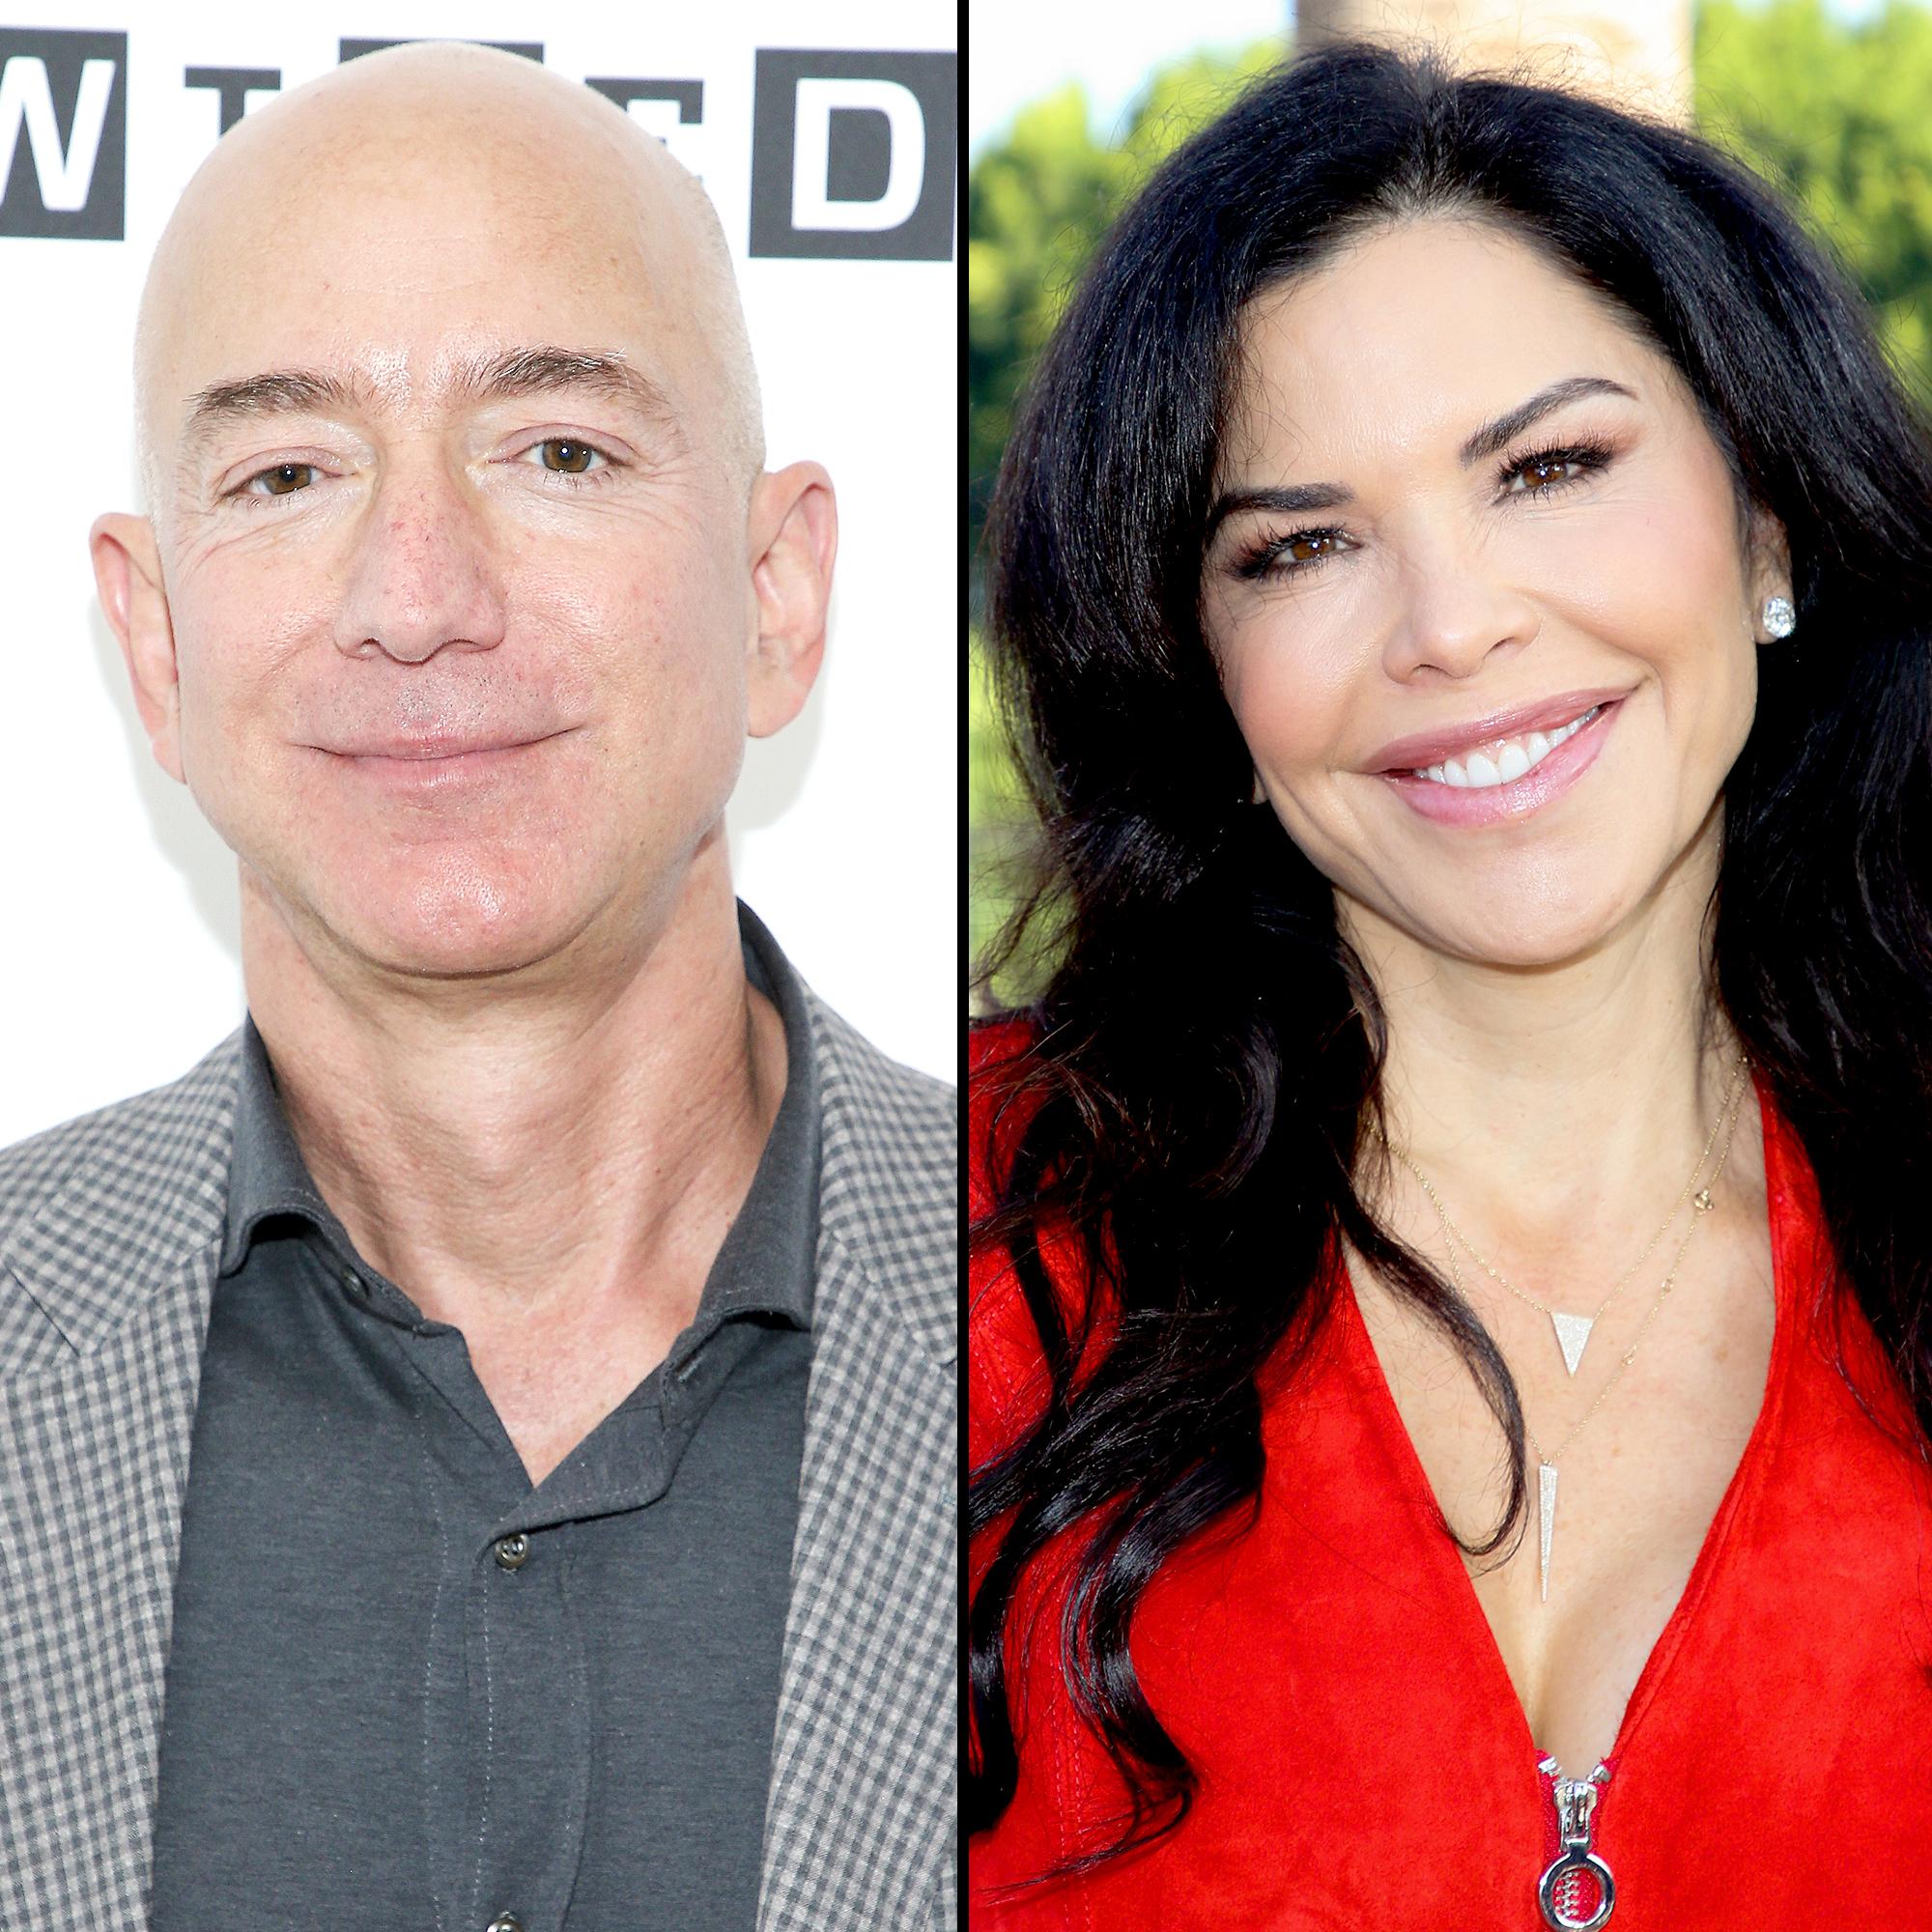 Jeff-Bezos-and-Lauren-Sanchez-dinner-date-affair - Jeff Bezos and Lauren Sanchez